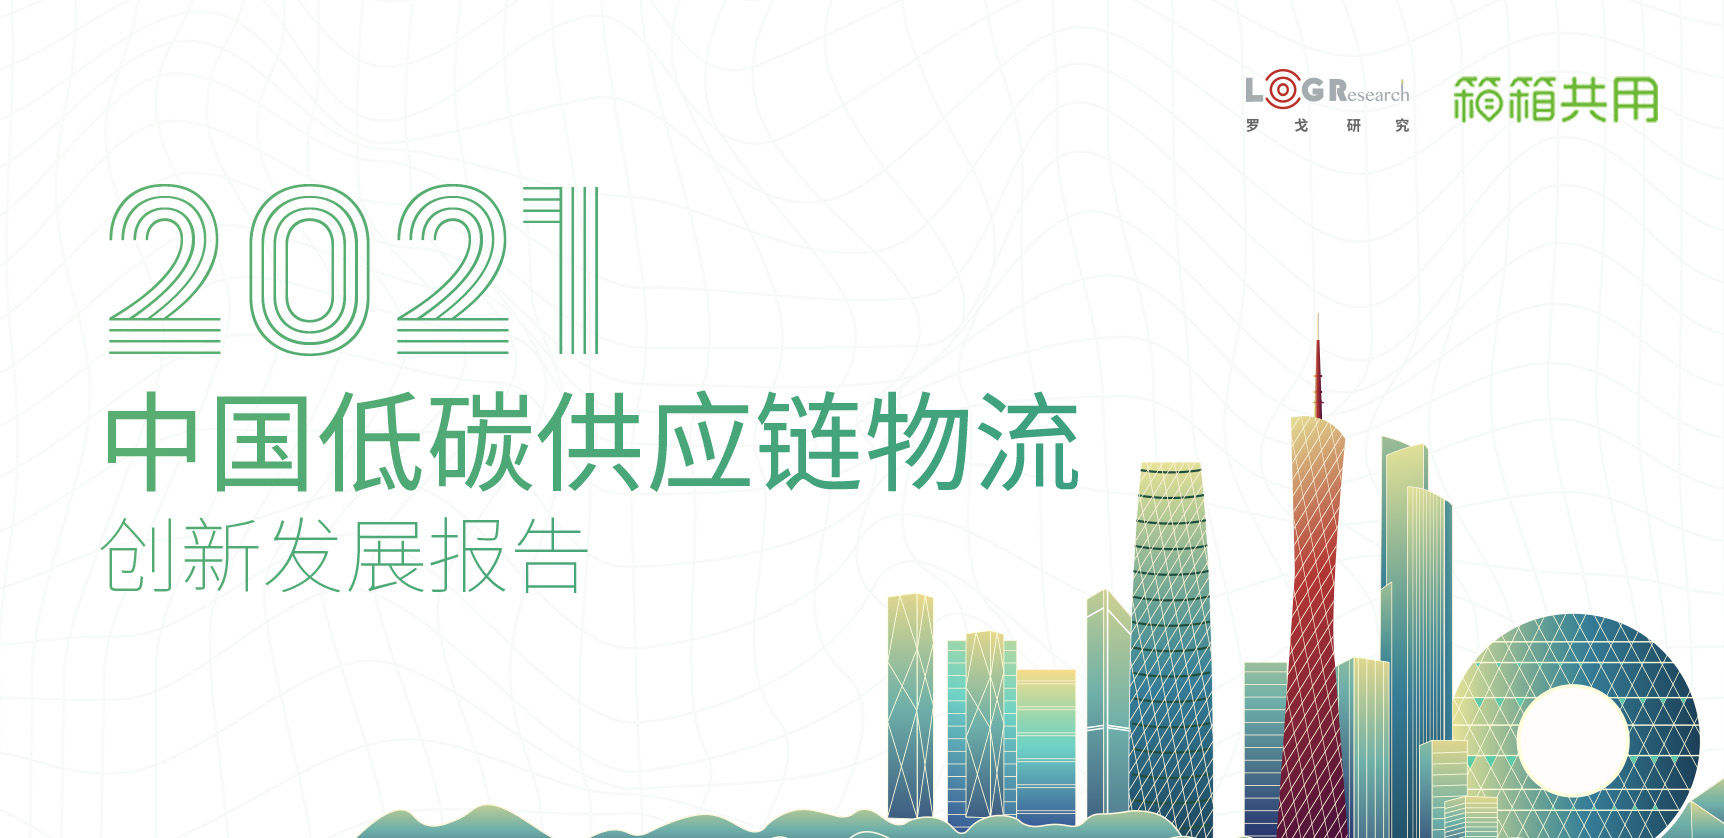 2021中国低碳供应链物流创新发展报告